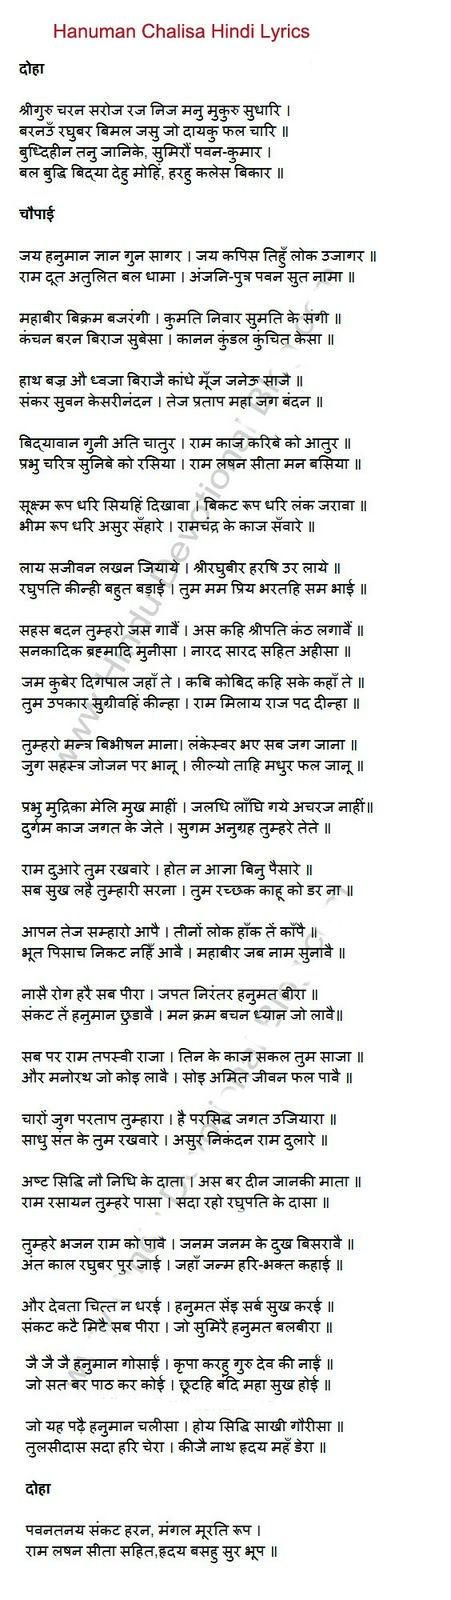 Hanuman Chalisa Lyrics In Hindi Pdf